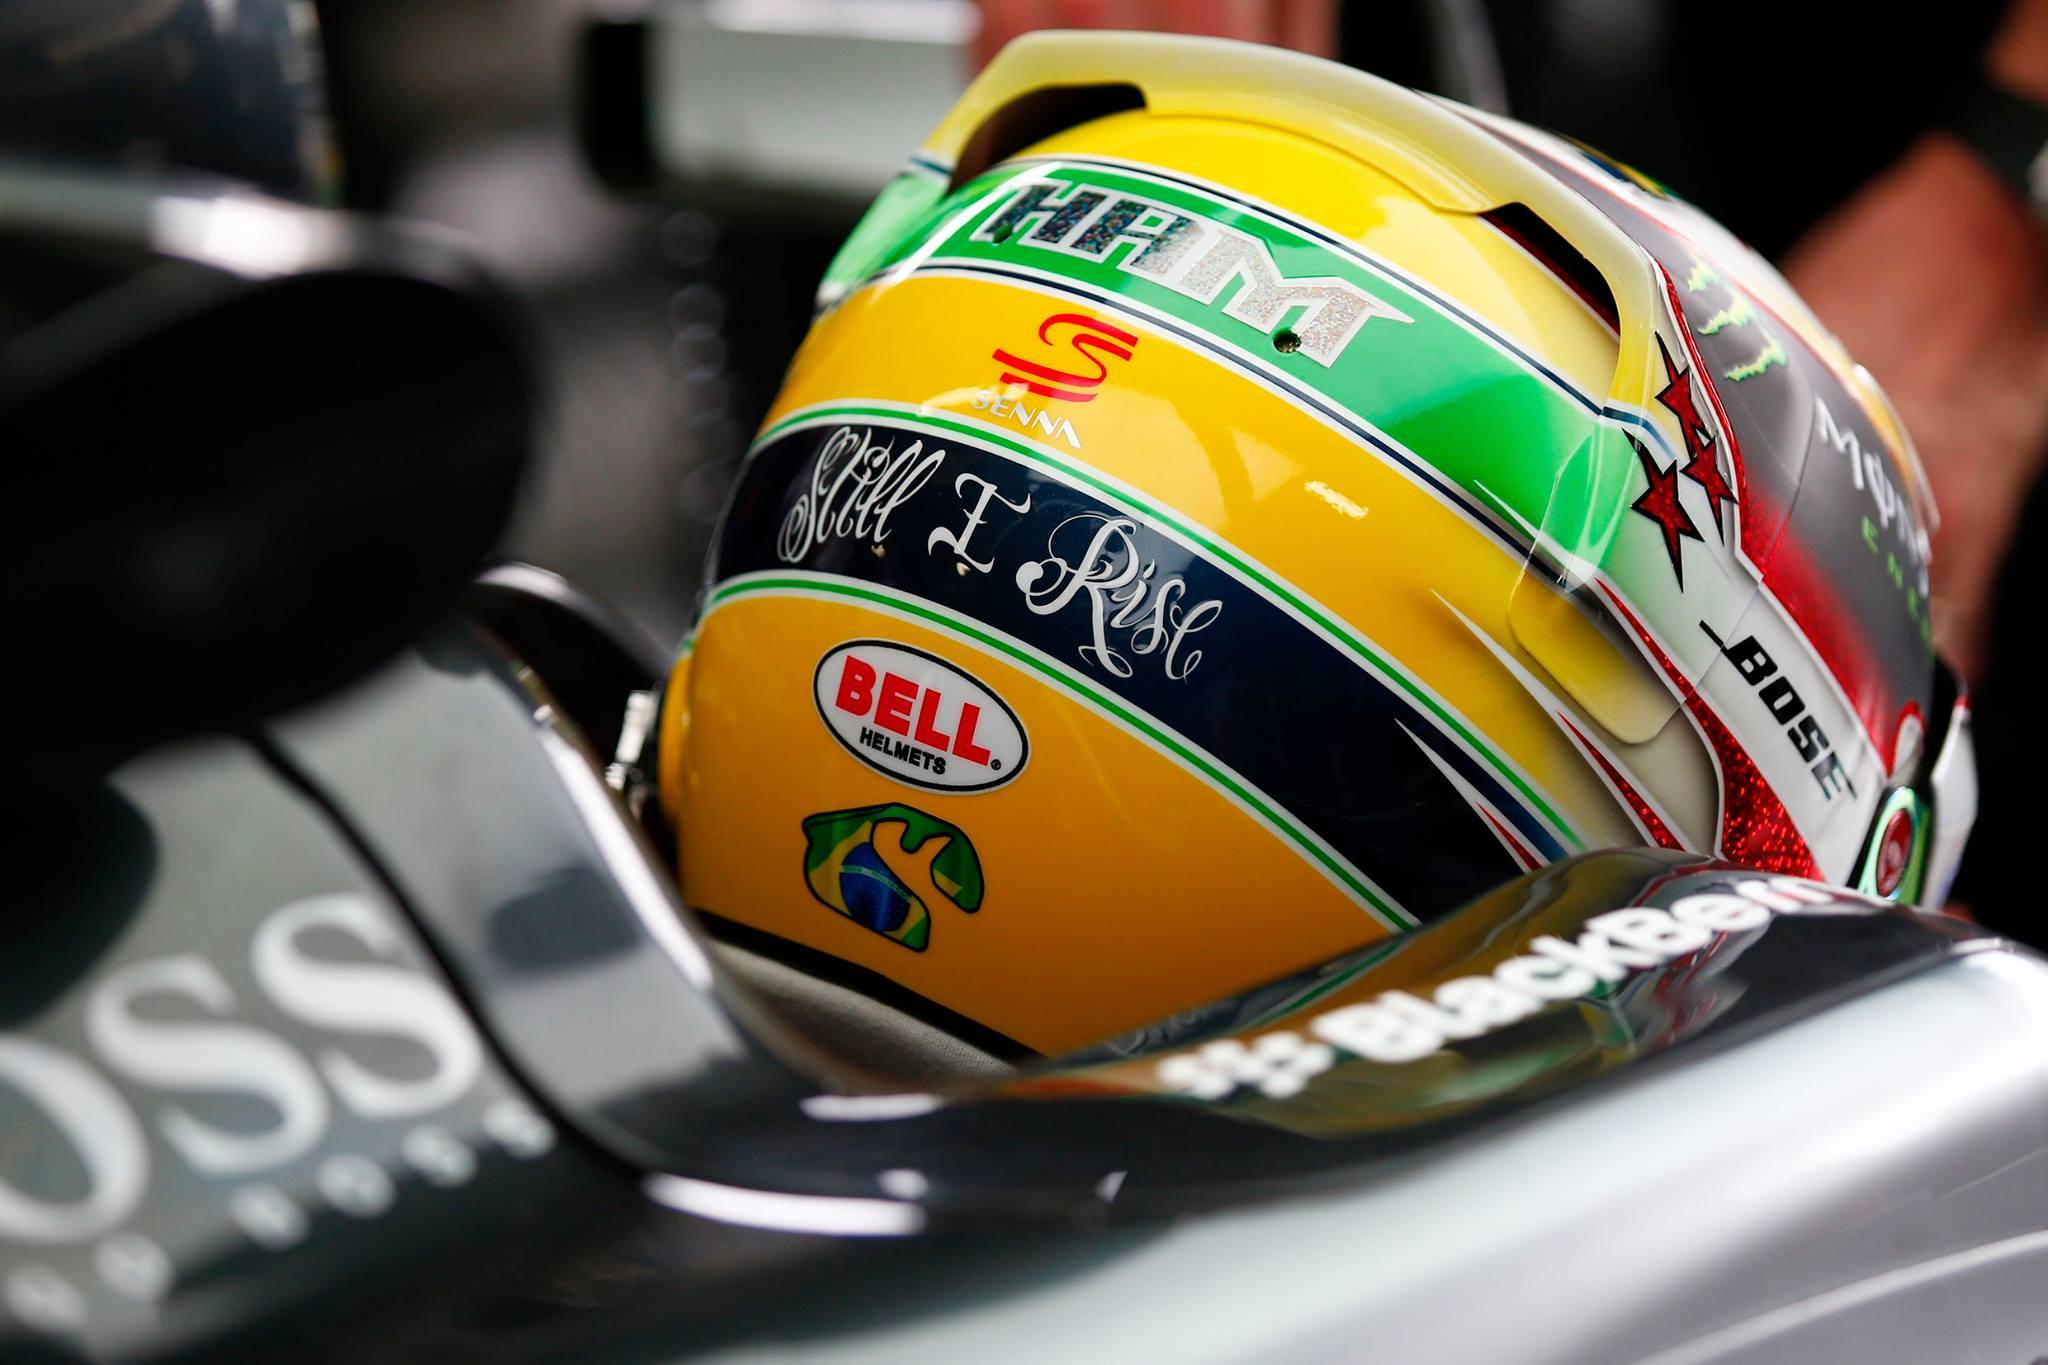 Capacete do Hamilton em Homenagem a Ayrton Senna usado em Interlagos nesse final de semana.